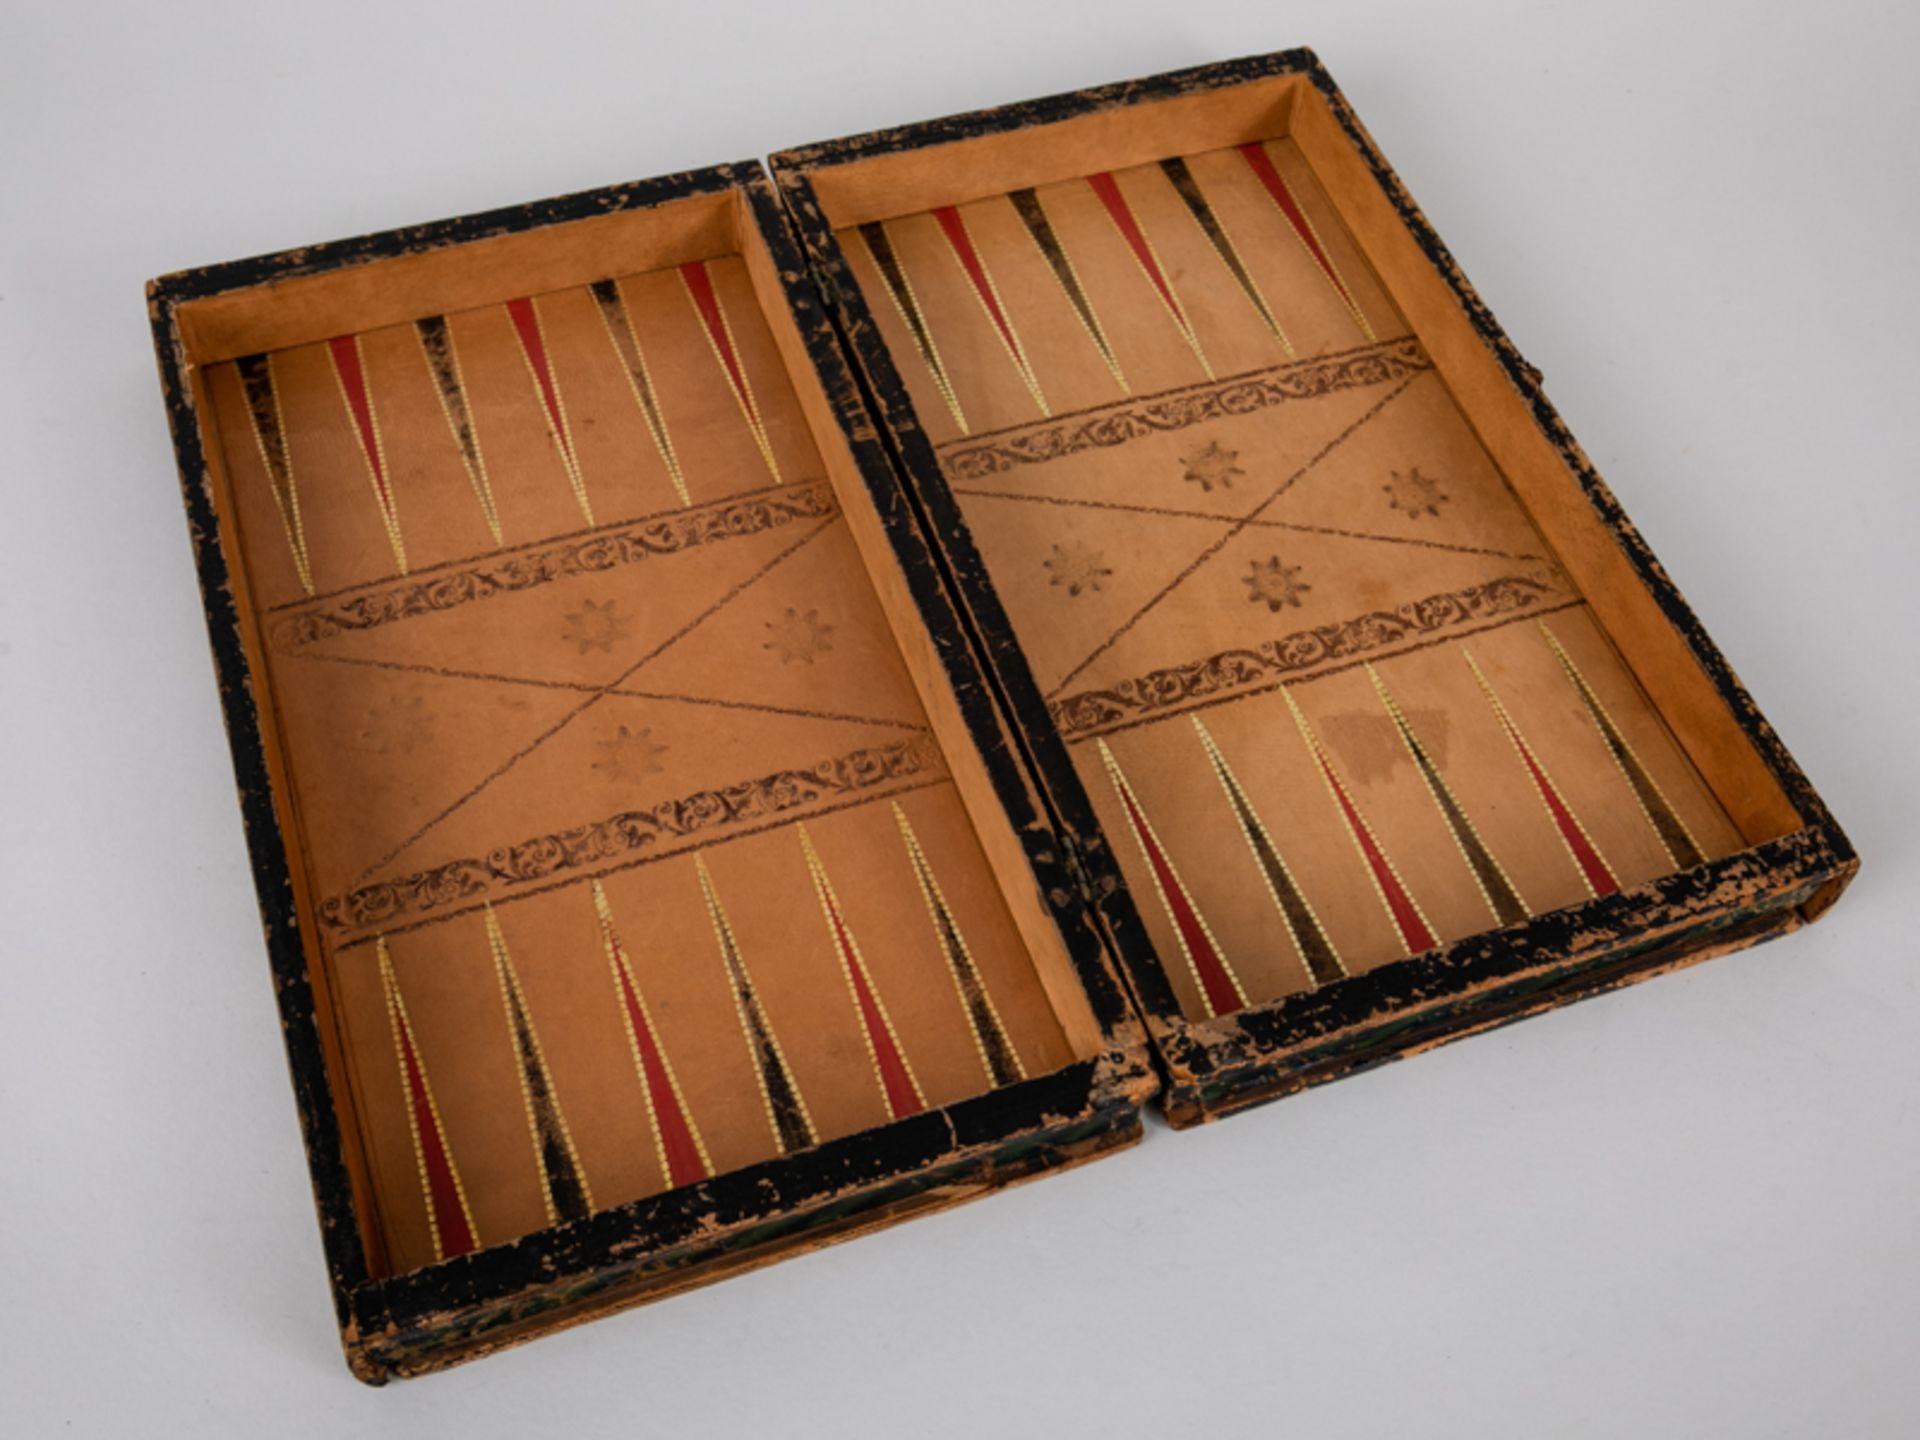 Schachspiel, wohl England, 19./Anf. 20. Jh. Lederbezogene hölzerne Spielbrett-Kassette mit 32 - Bild 4 aus 5